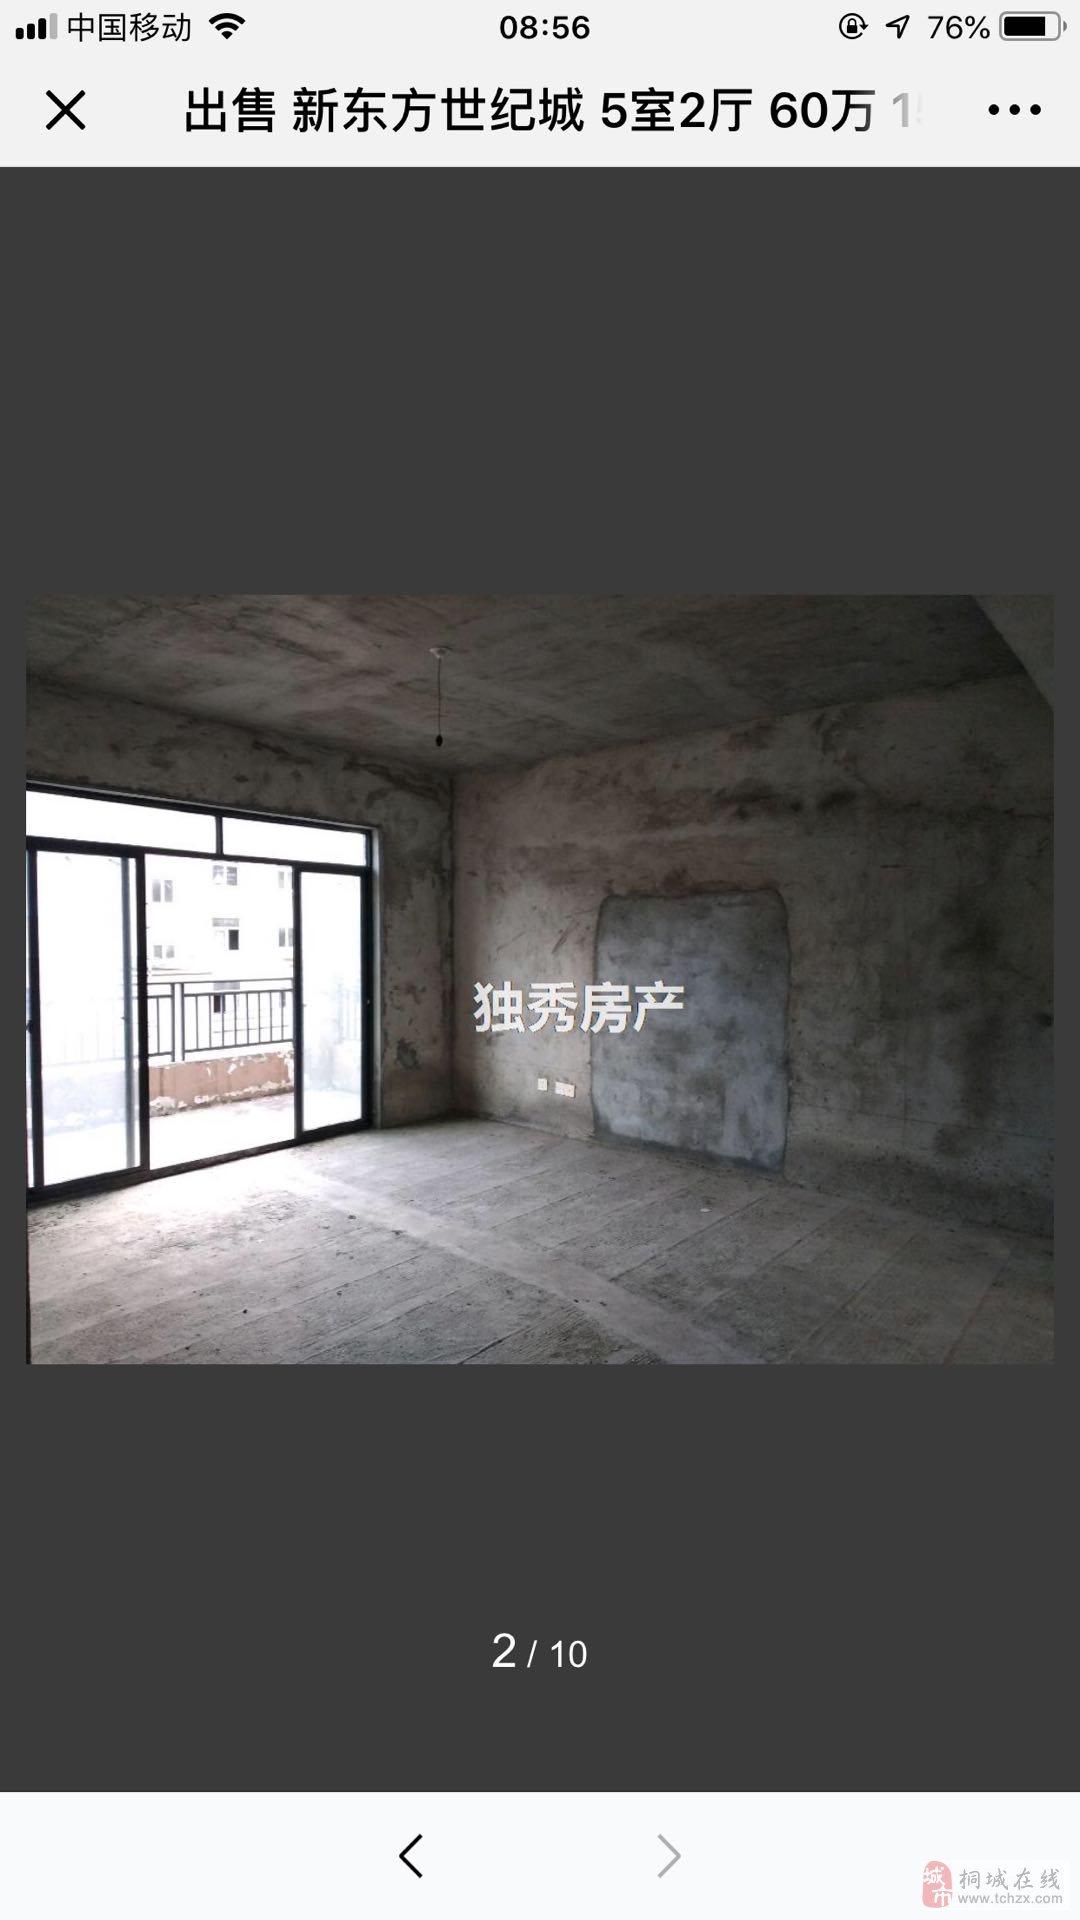 新东方世纪城5室2厅2卫60万元